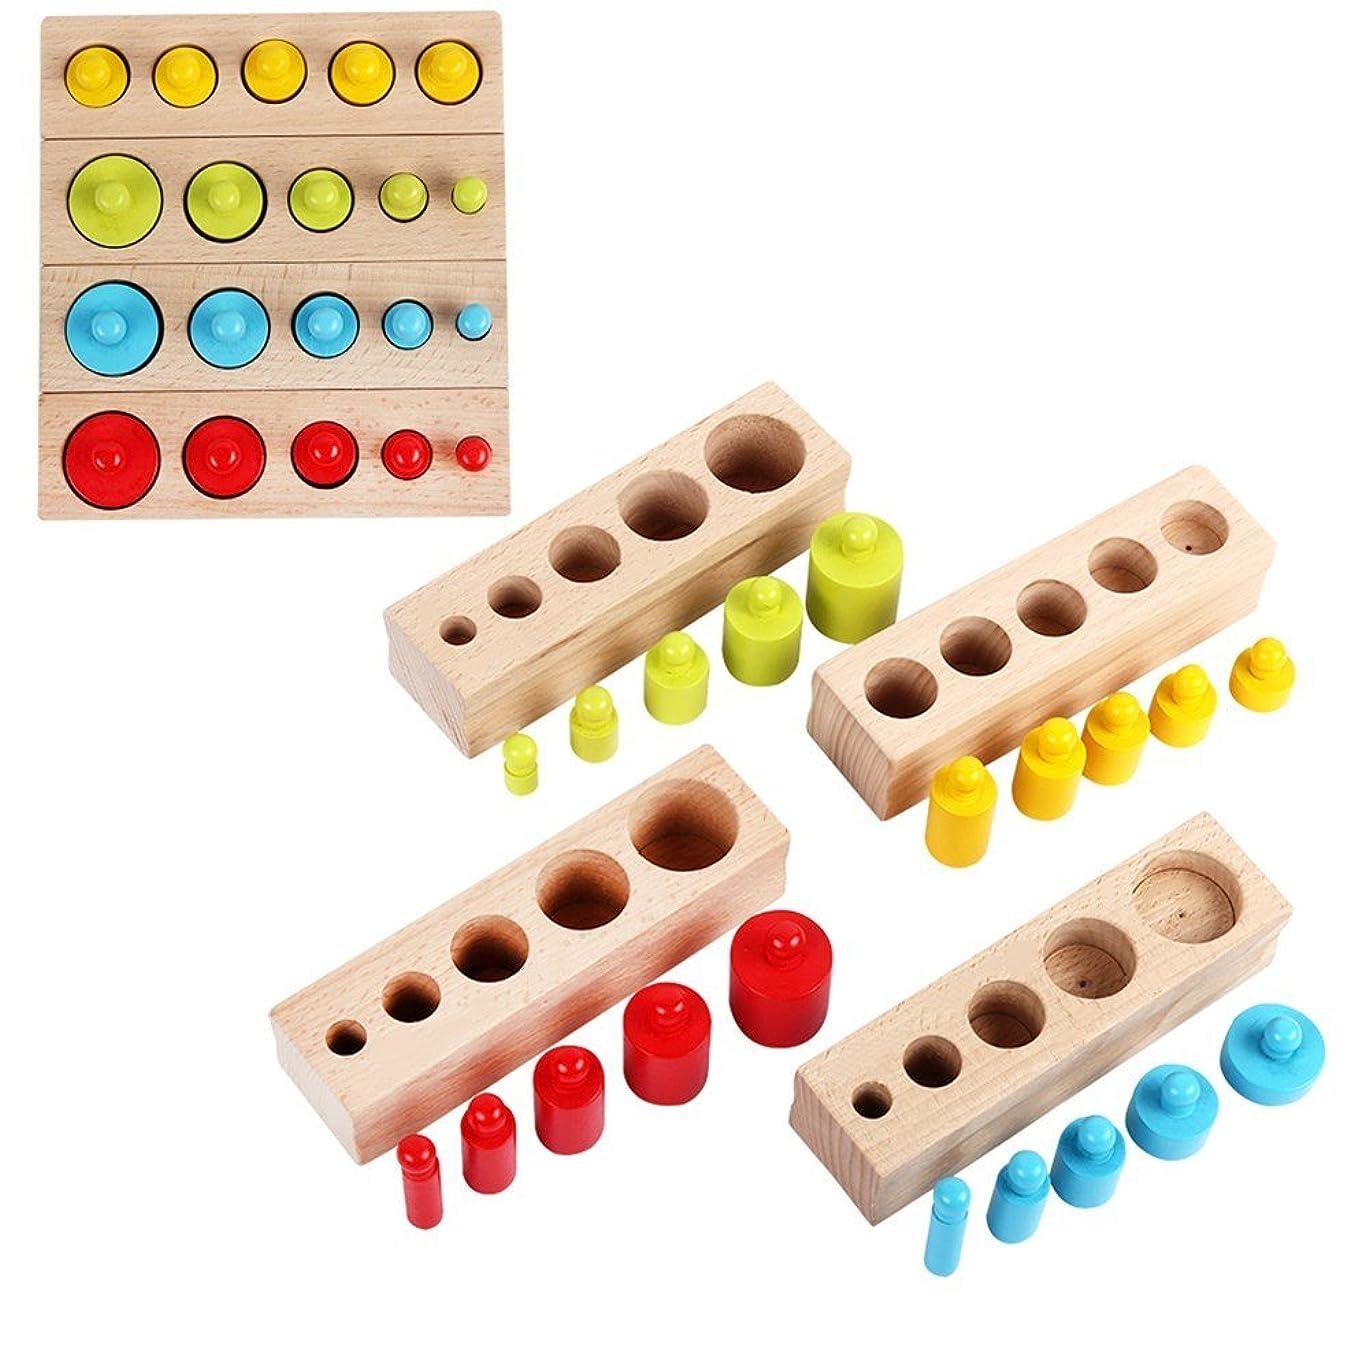 移住する注入バスケットボールギガミック (Gigamic) カタミノ (KATAMINO) [正規輸入品] パズルゲーム